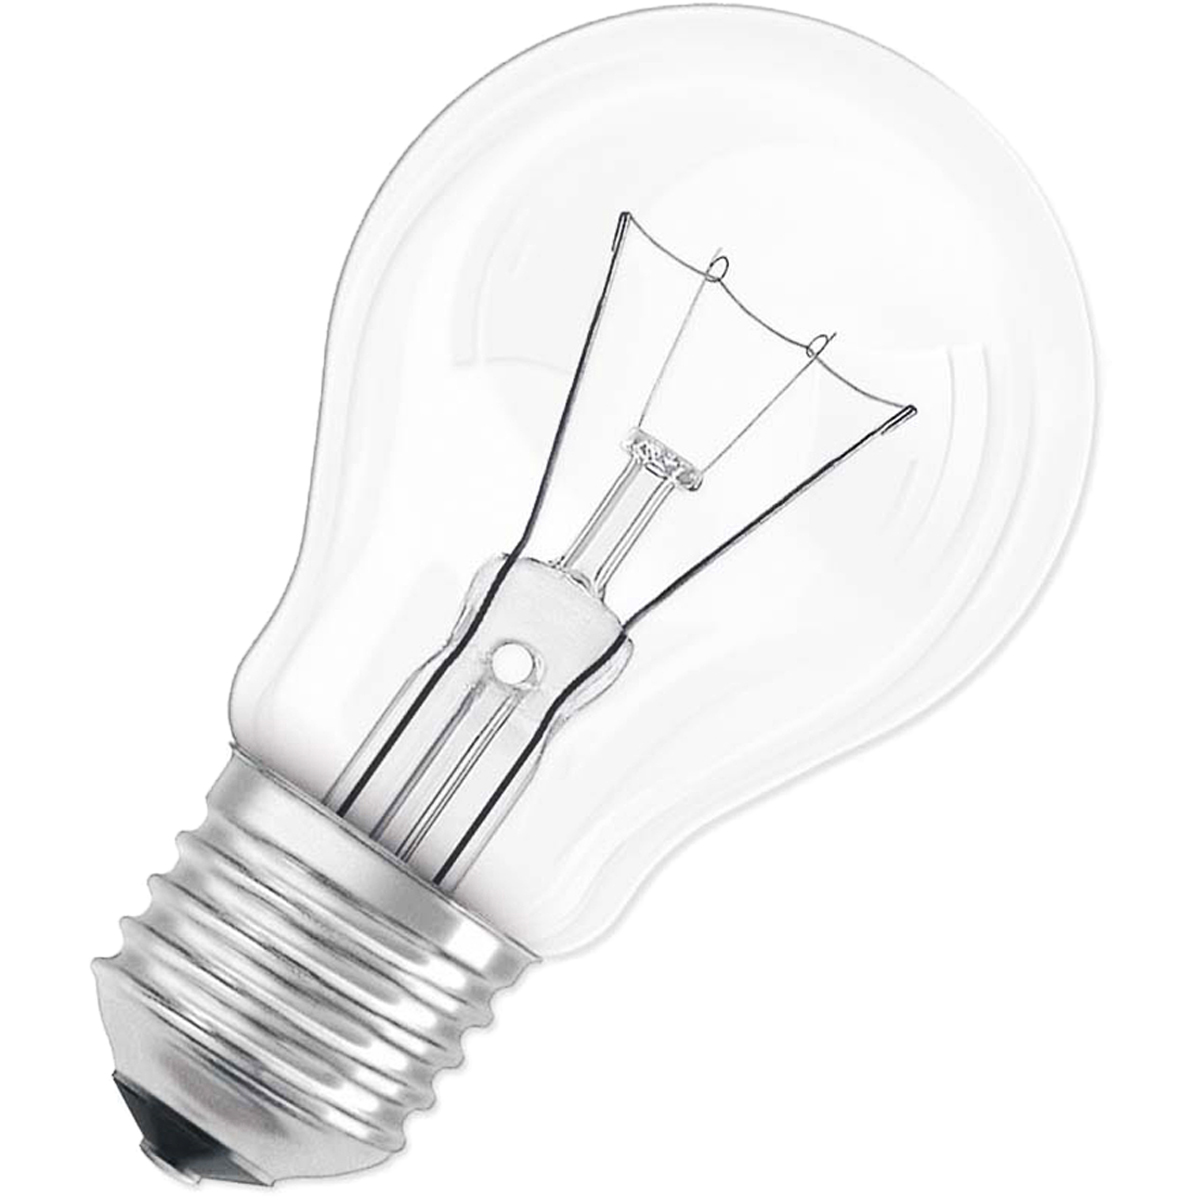 Лампа накаливания Osram Classic A CL 40Вт E27 220-240В 40083217885284008321788528Конструкция лампы состоит из стеклянной колбы, заполненной инертным газом. Основу устройства составляет тело накала или вольфрамовая спираль, которая под воздействием электрического тока начинает излучать свечение.Лампы накаливания используются для всеобщего, местного и наружного освещения в быту и промышленности в сетях переменного тока напряжением 220 В частотой 50 Гц